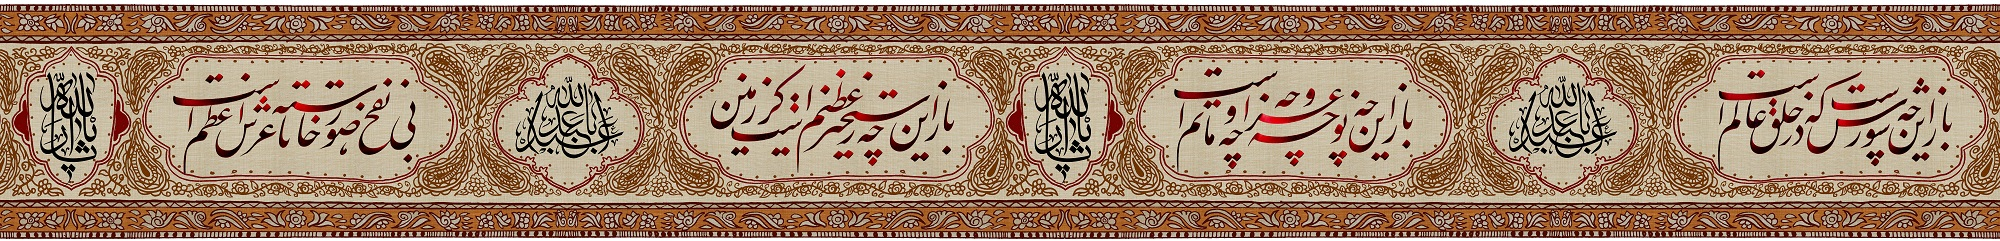 پوستر شهادت امام حسین علیه السلام (34)